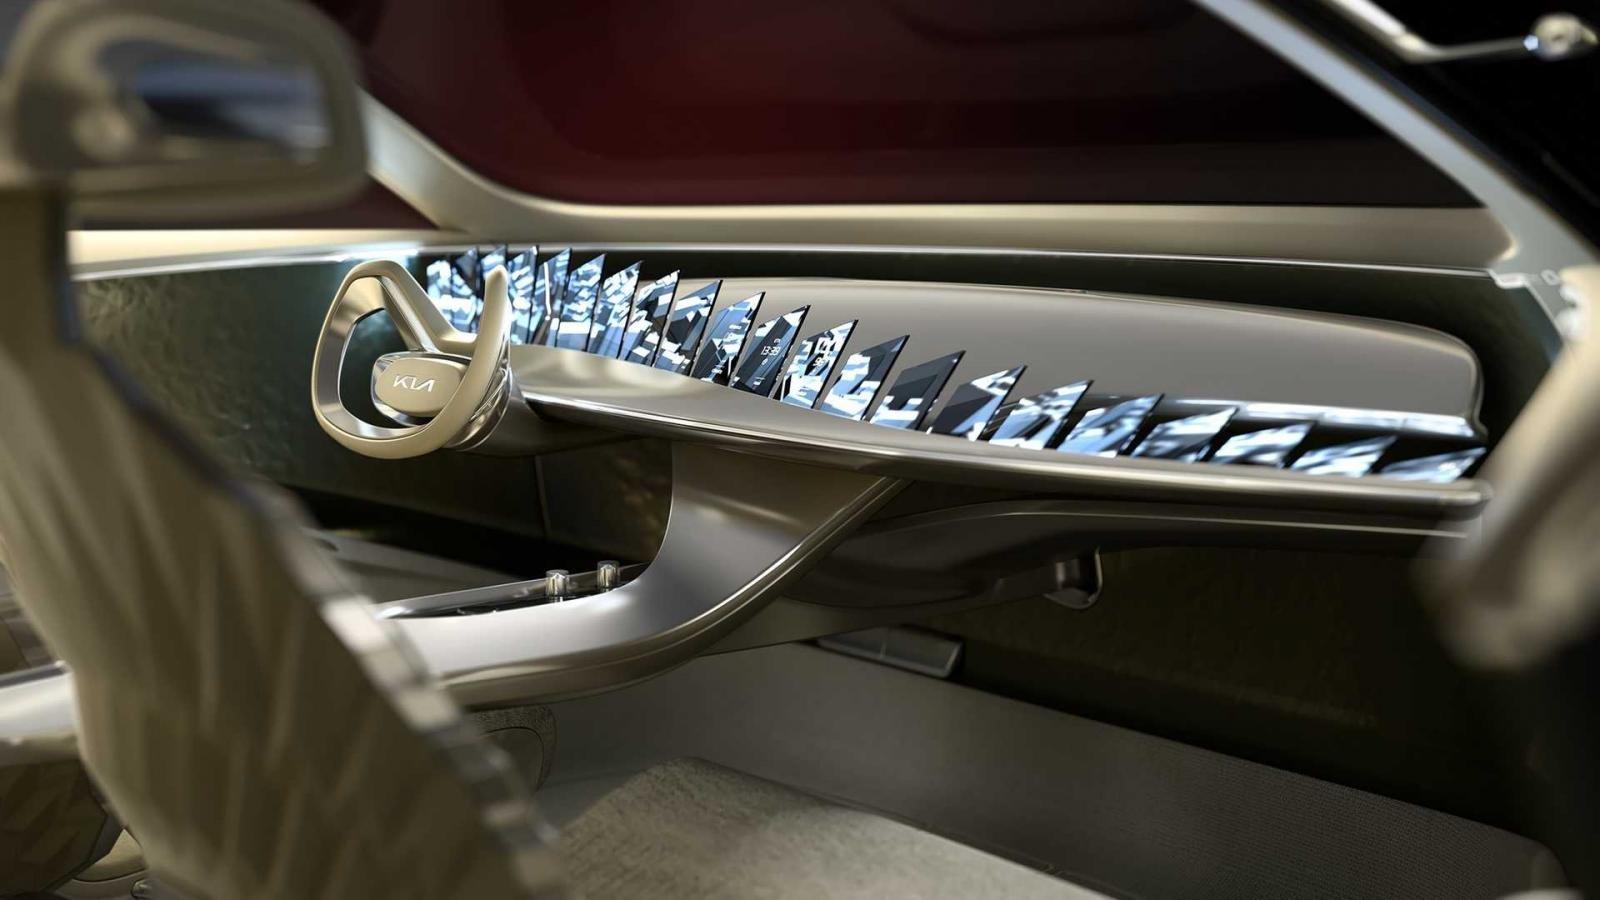 Crossover Kia CV bản sản xuất sẽ tinh giảm nhiều chi tiết.